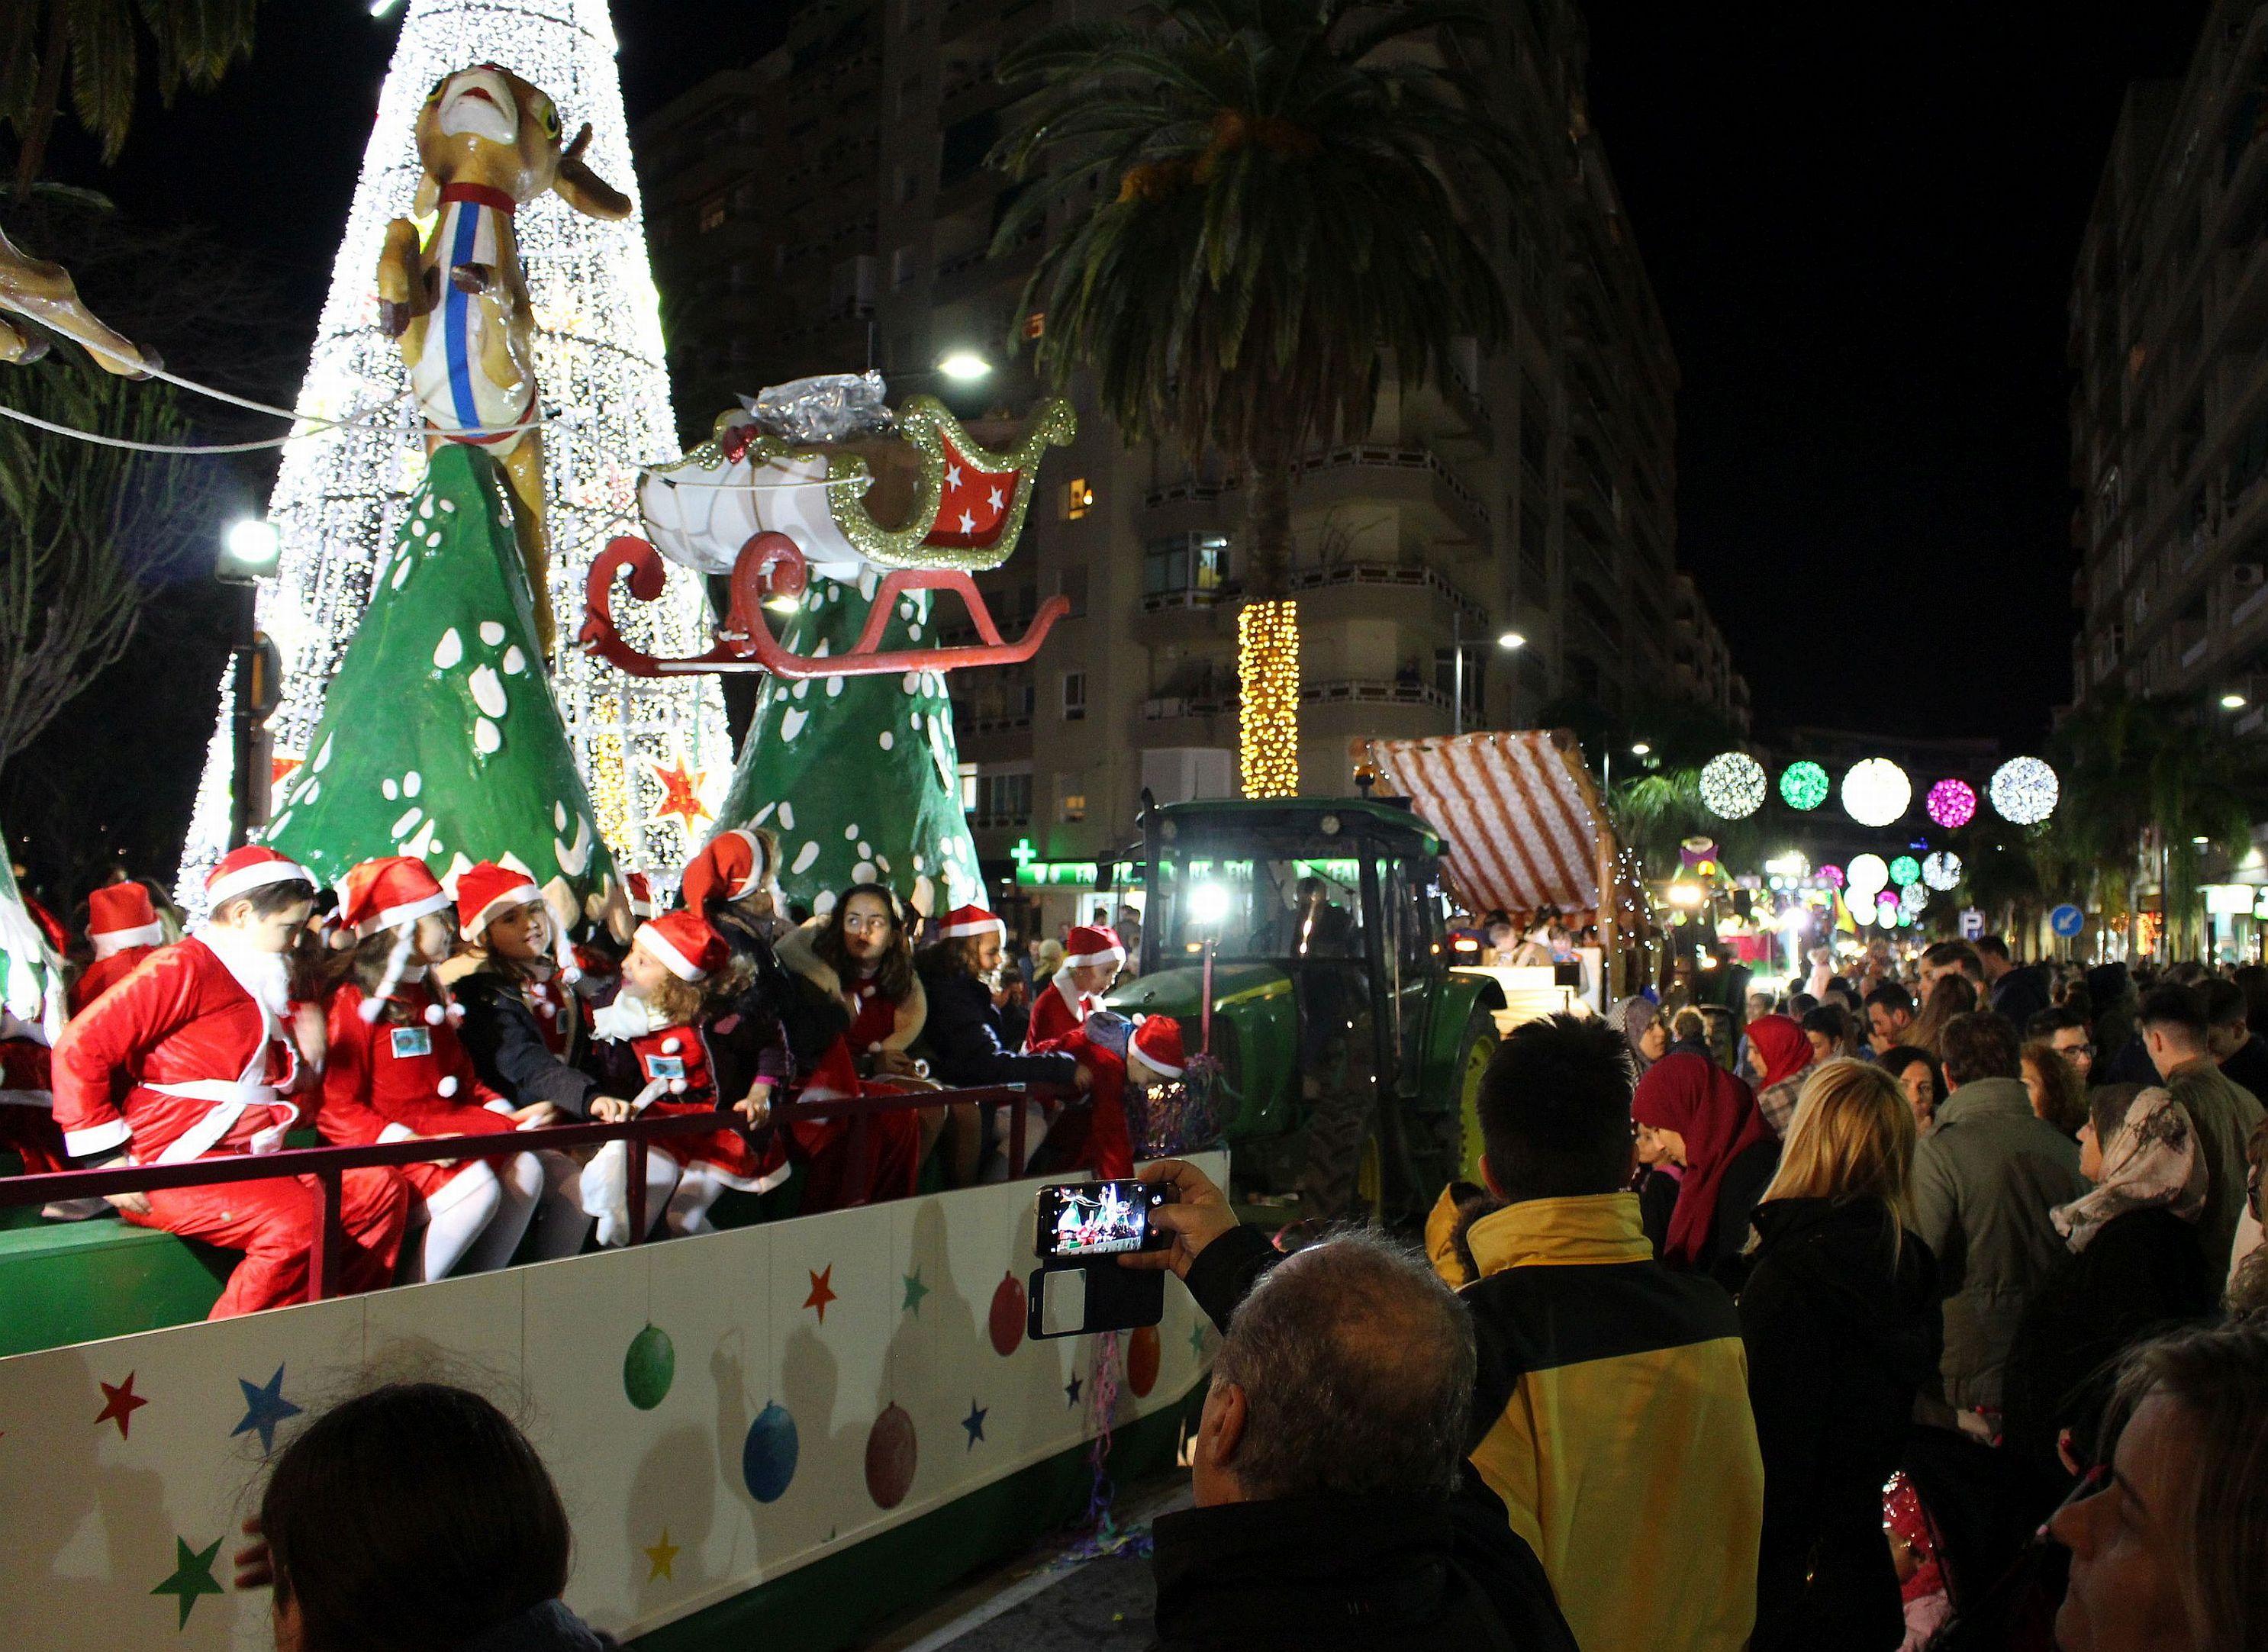 Foto de archivo 2018 de una carroza de la Cabalgata de los Reyes Magos